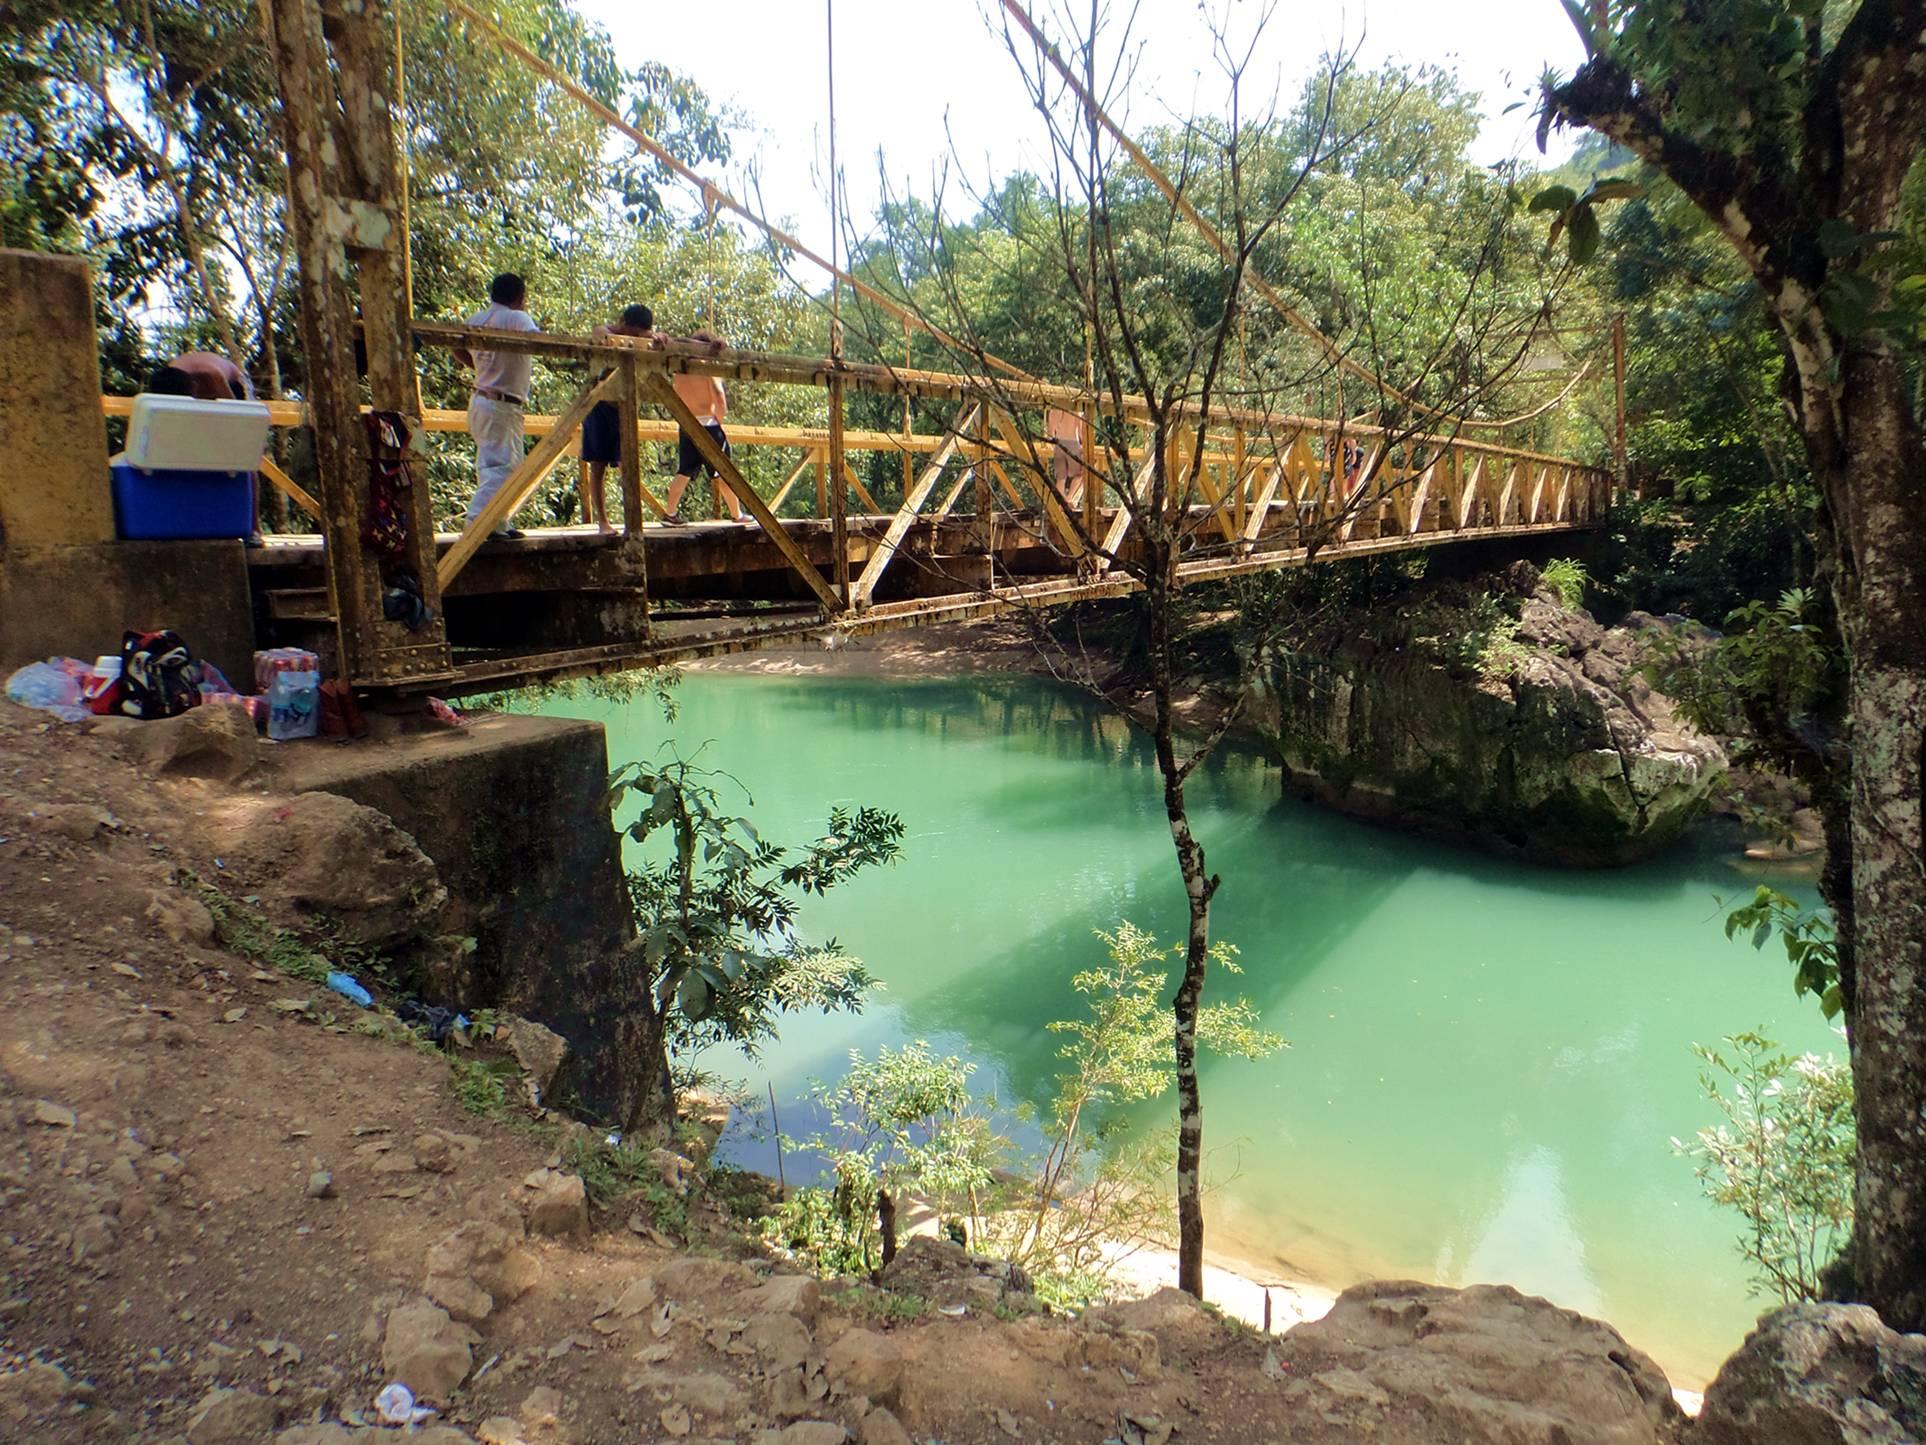 semucchampey_guatemala_ponte